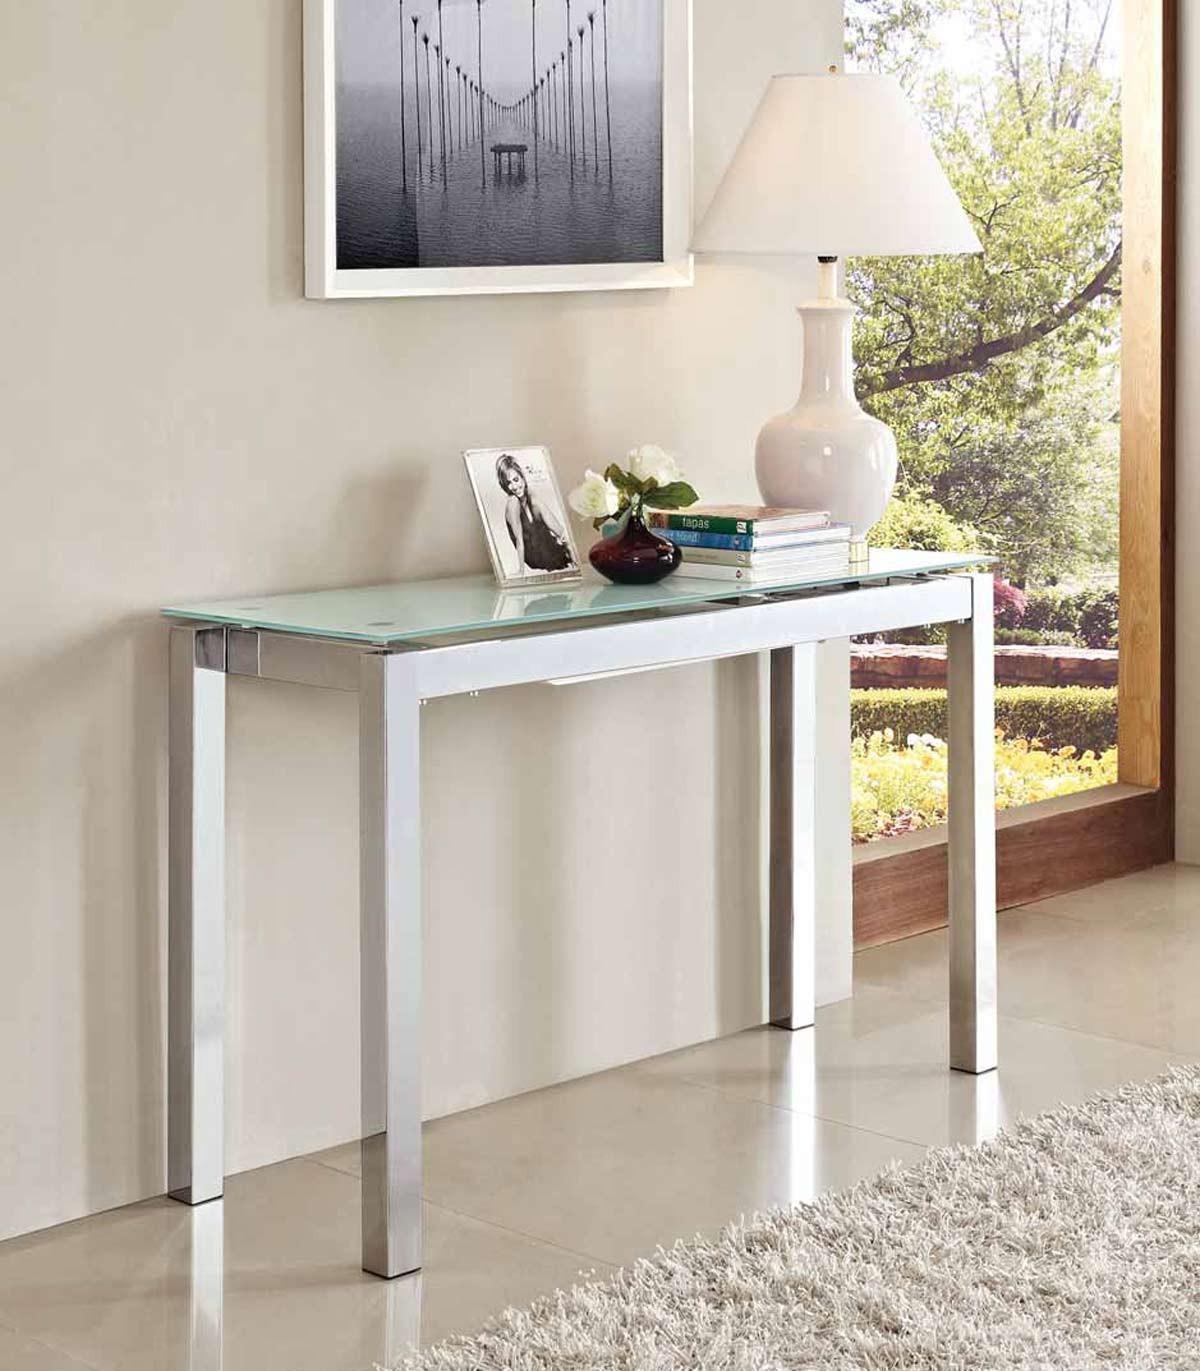 Idee da salotto tavoli consolle allungabili di design - Tavolo consolle allungabile mercatone uno ...